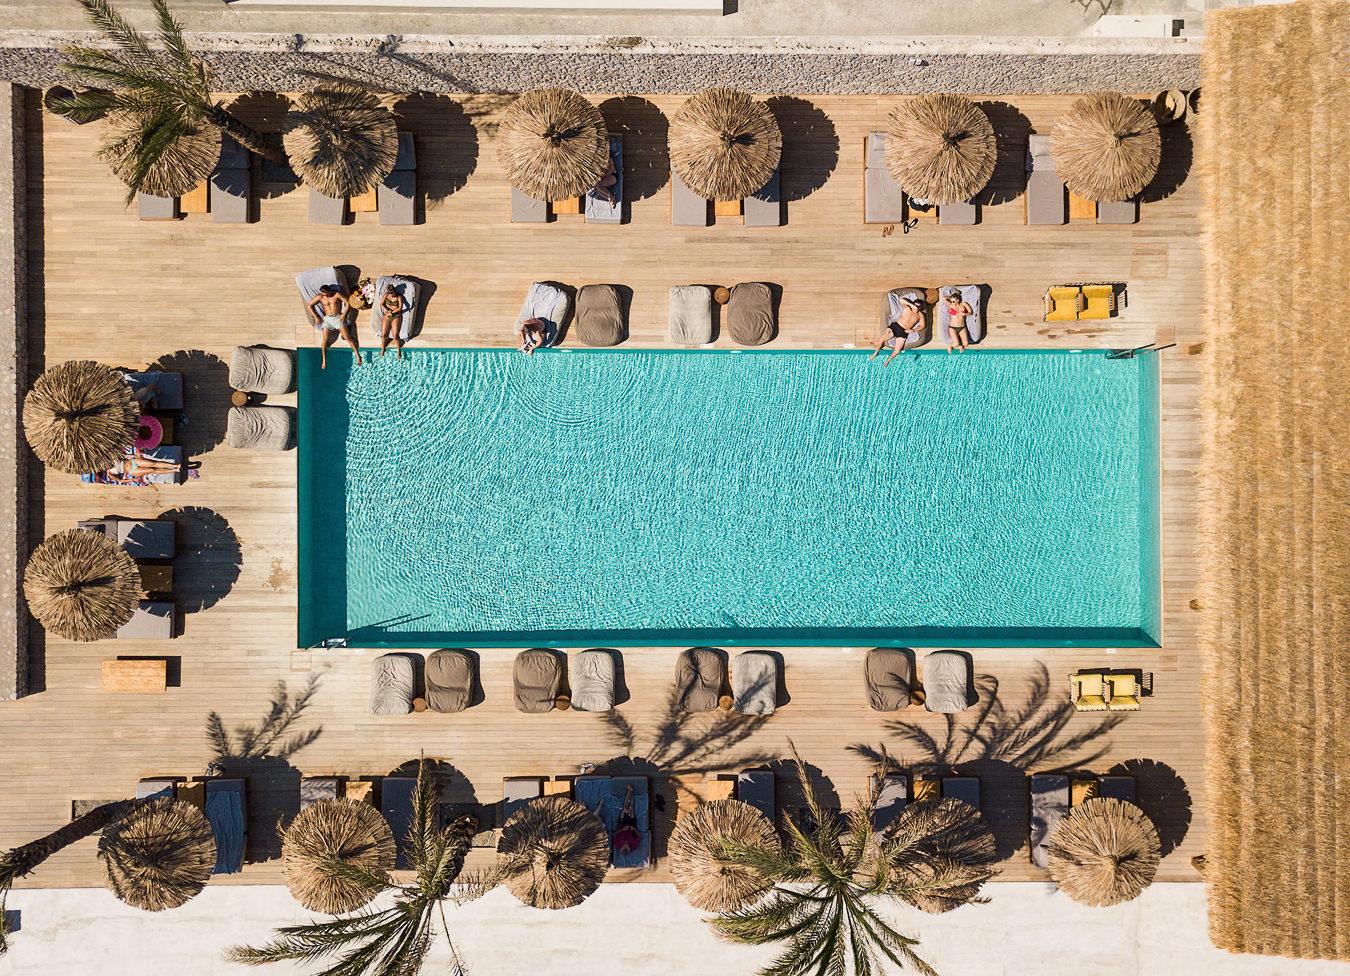 OKU, KOS, Γιώργος Φάκαρος - Αρχιτεκτονική Φωτογραφία | Εσωτερικοί Χώροι | Φωτογραφία Ξενοδοχειών - Photography / Φωτογραφία